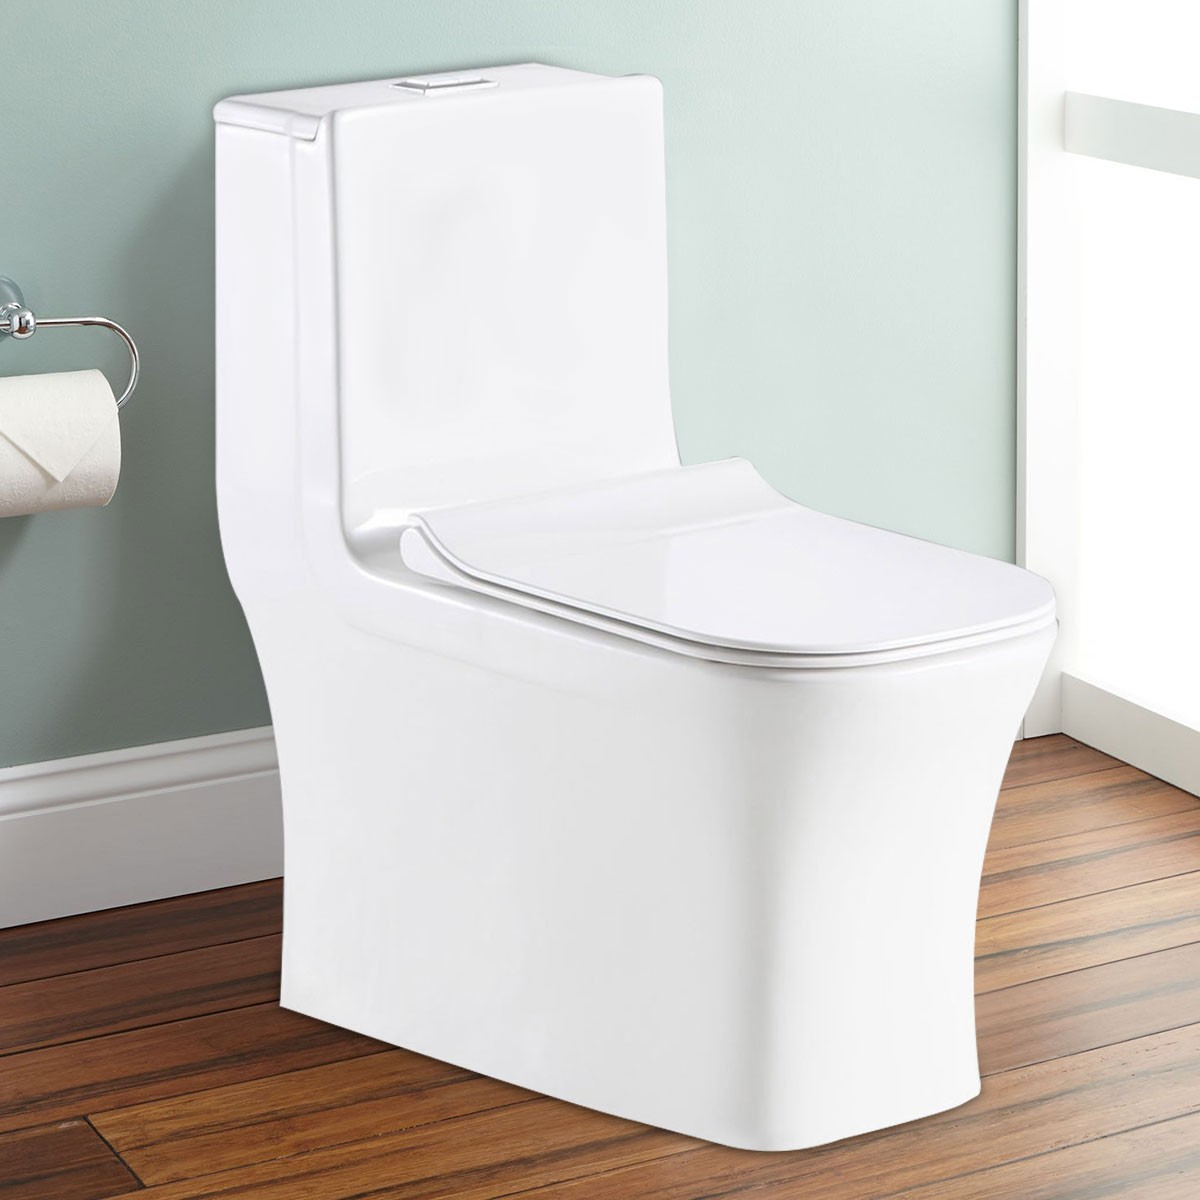 Dual Flush Siphonic One-piece Toilet (DK-ZBQ-12044C)